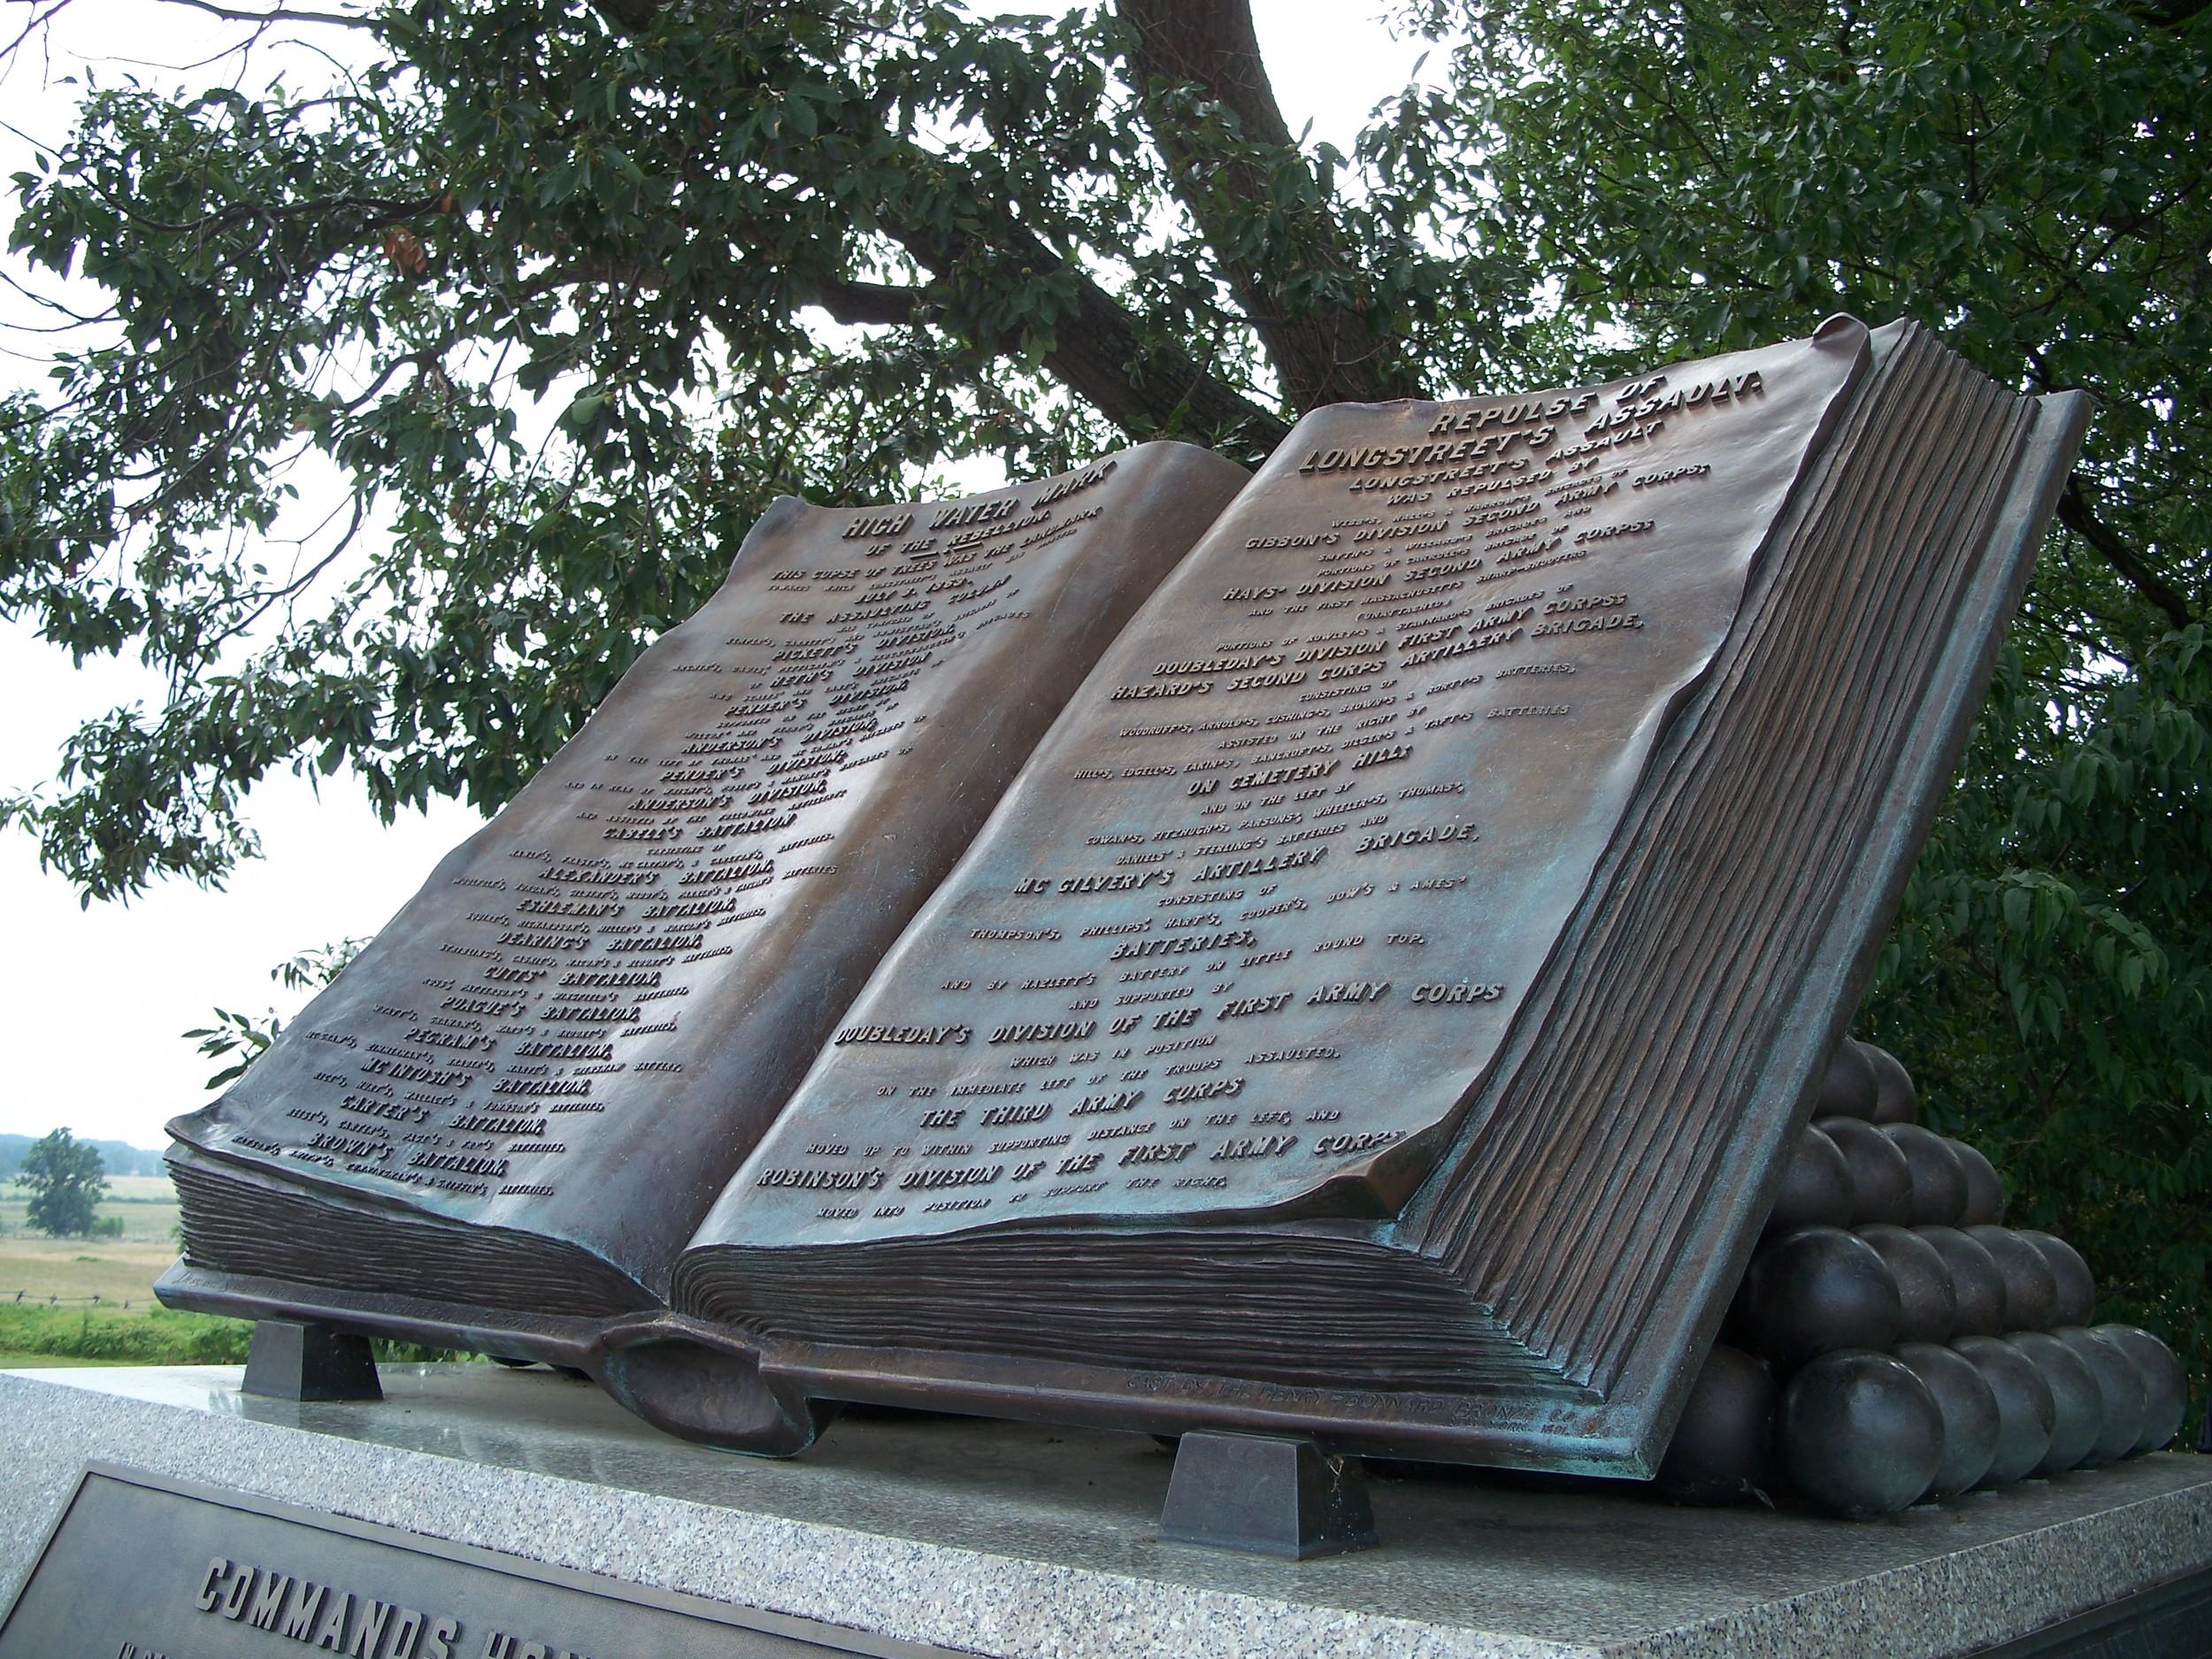 bachelder's high water mark monument.